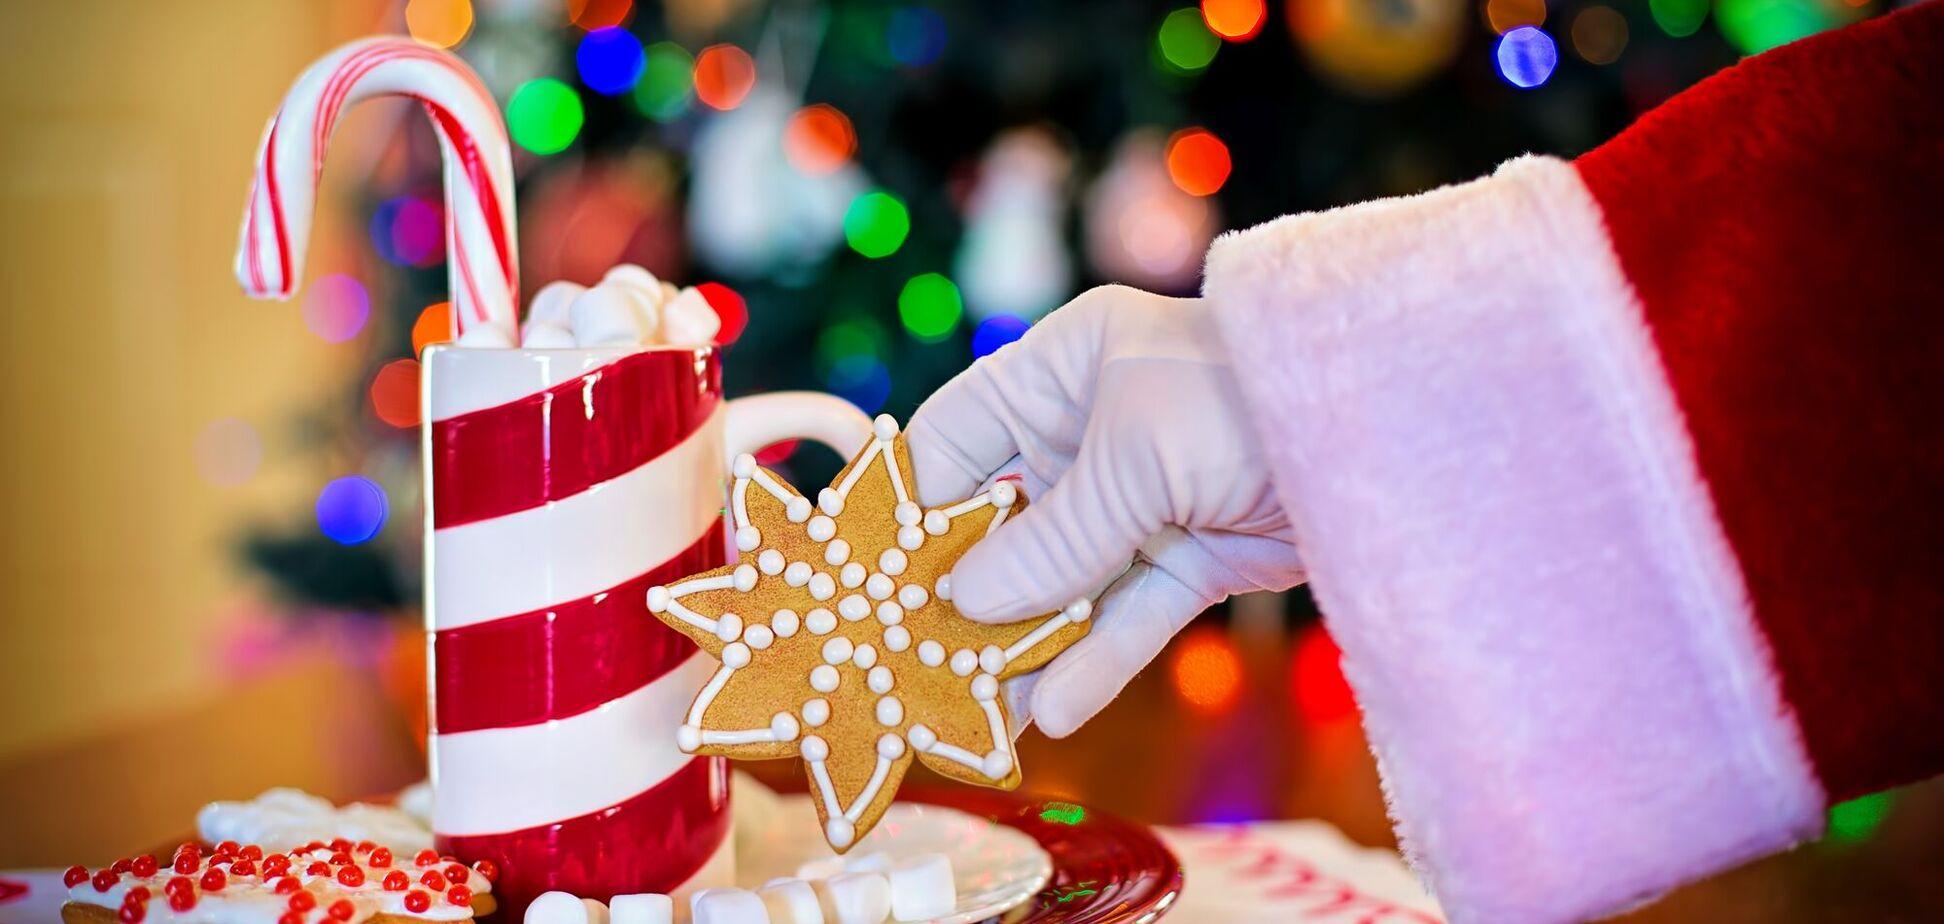 Когда празднуют Рождество в разных странах: даты и сколько выходных